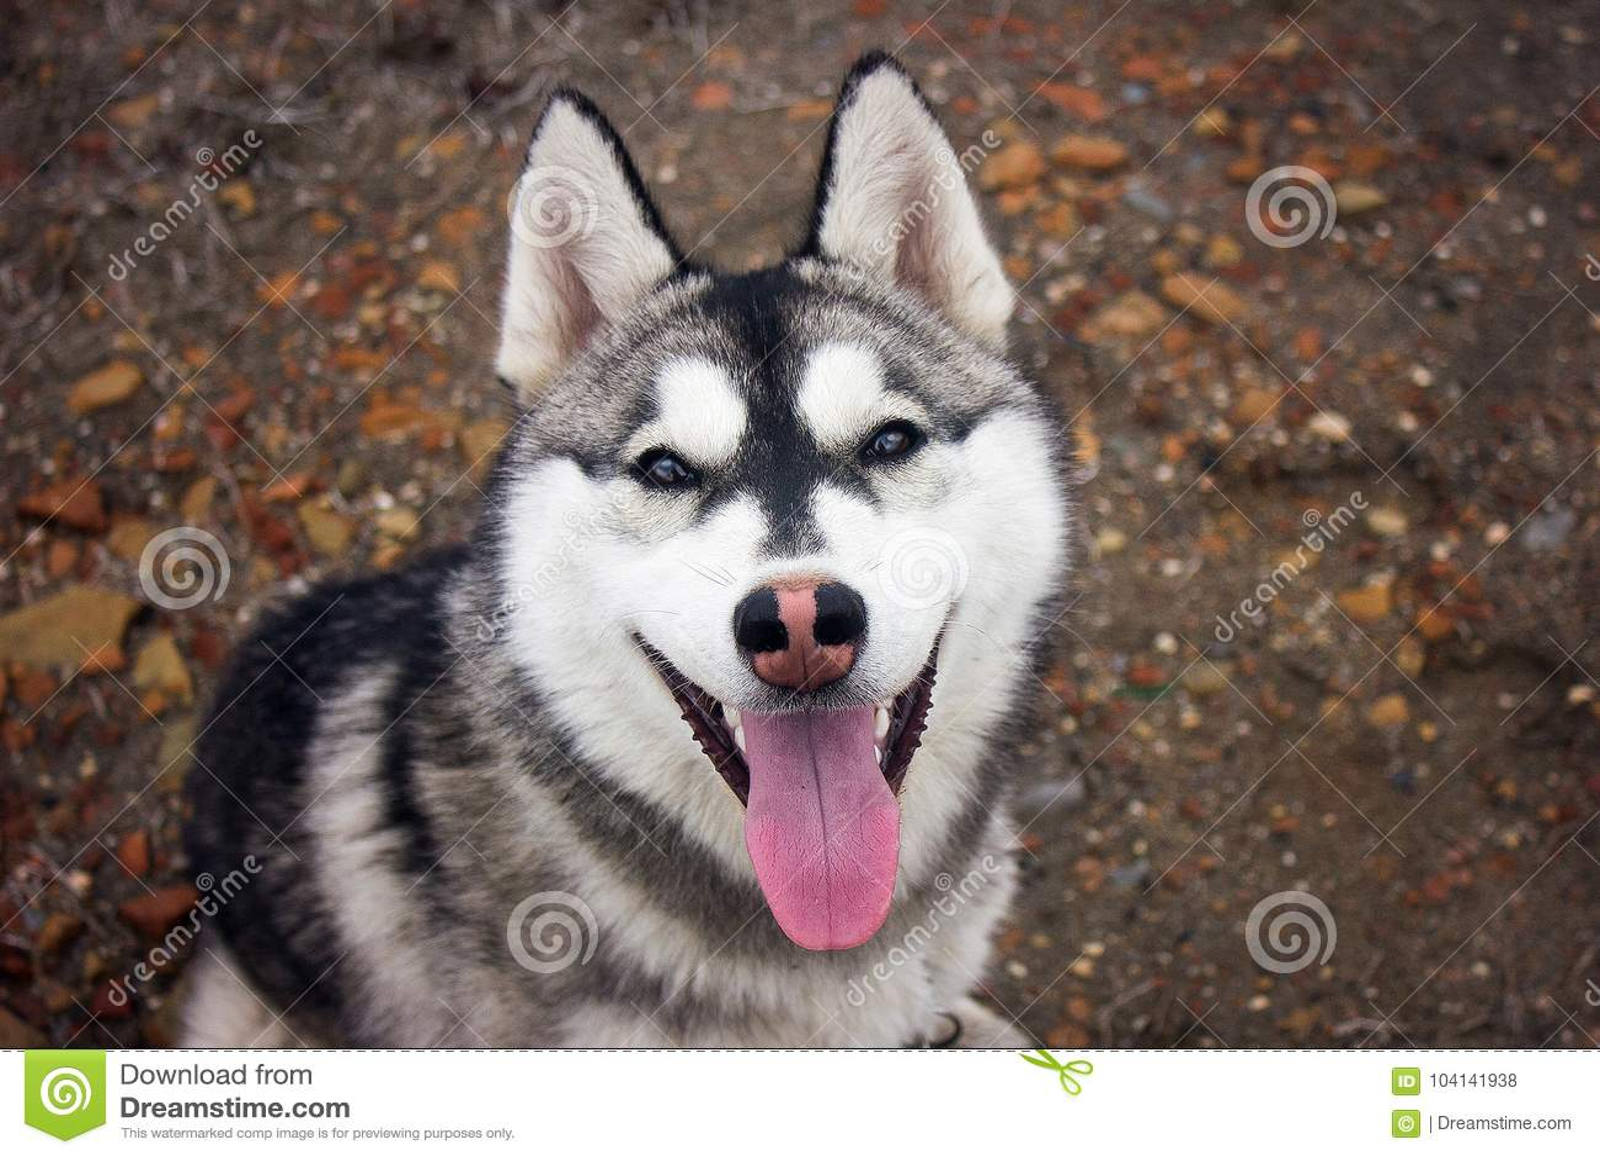 Hund Sibirischer Schlittenhund Der sibirische Husky hagelt von beträchtliche schneebedeckte Ausdehnungen von Sibirien In den Ader